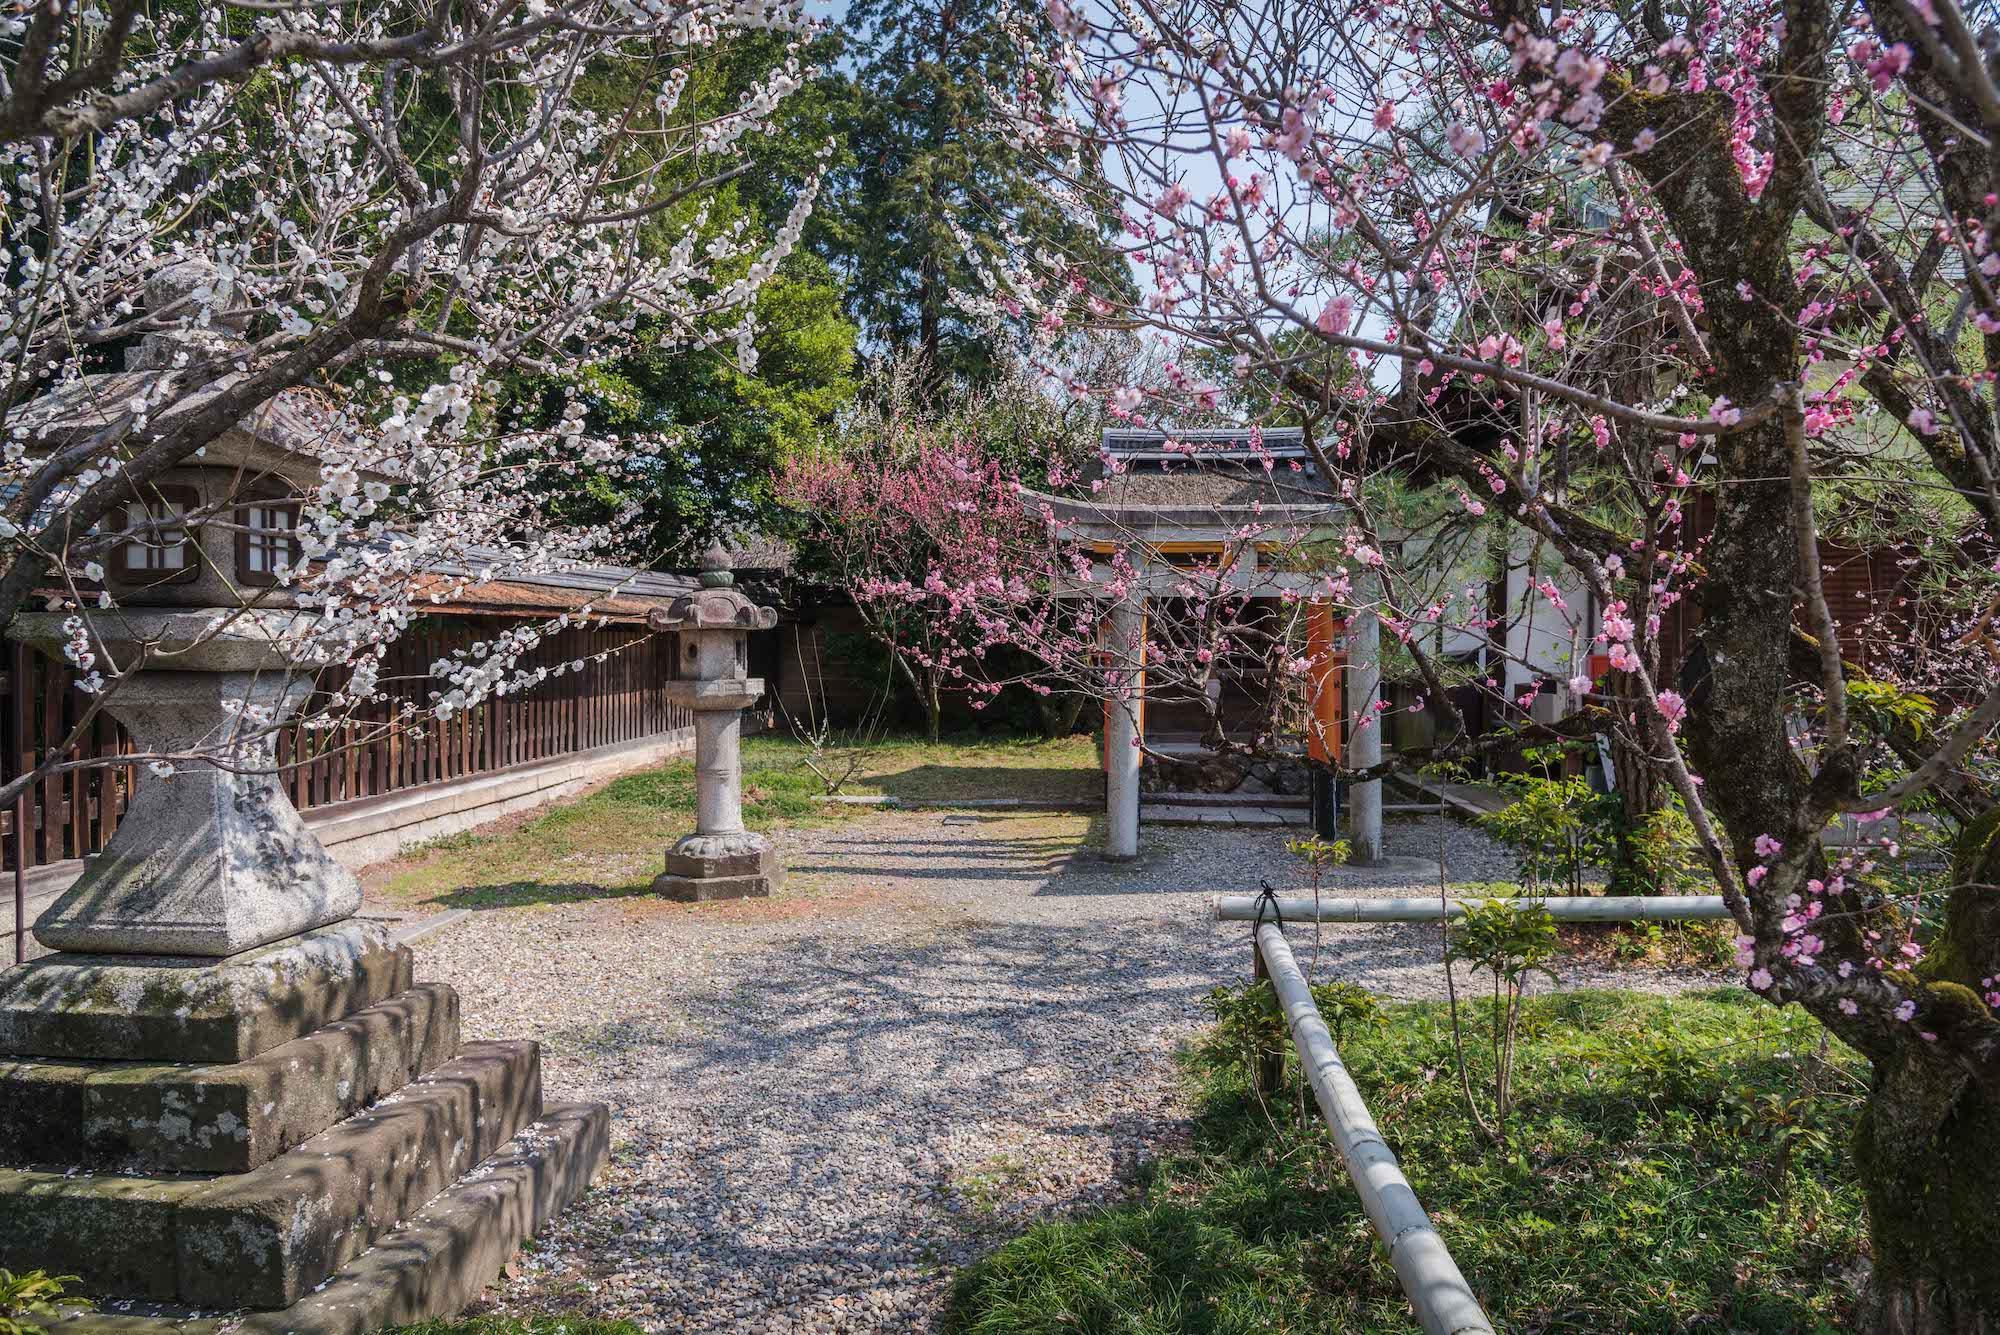 DSC_2193 京都 梅宮大社(境内に咲く35種500本の梅と猫神社で人気の写真スポット。 アクセス情報や交通手段・駐車場情報などまとめ)